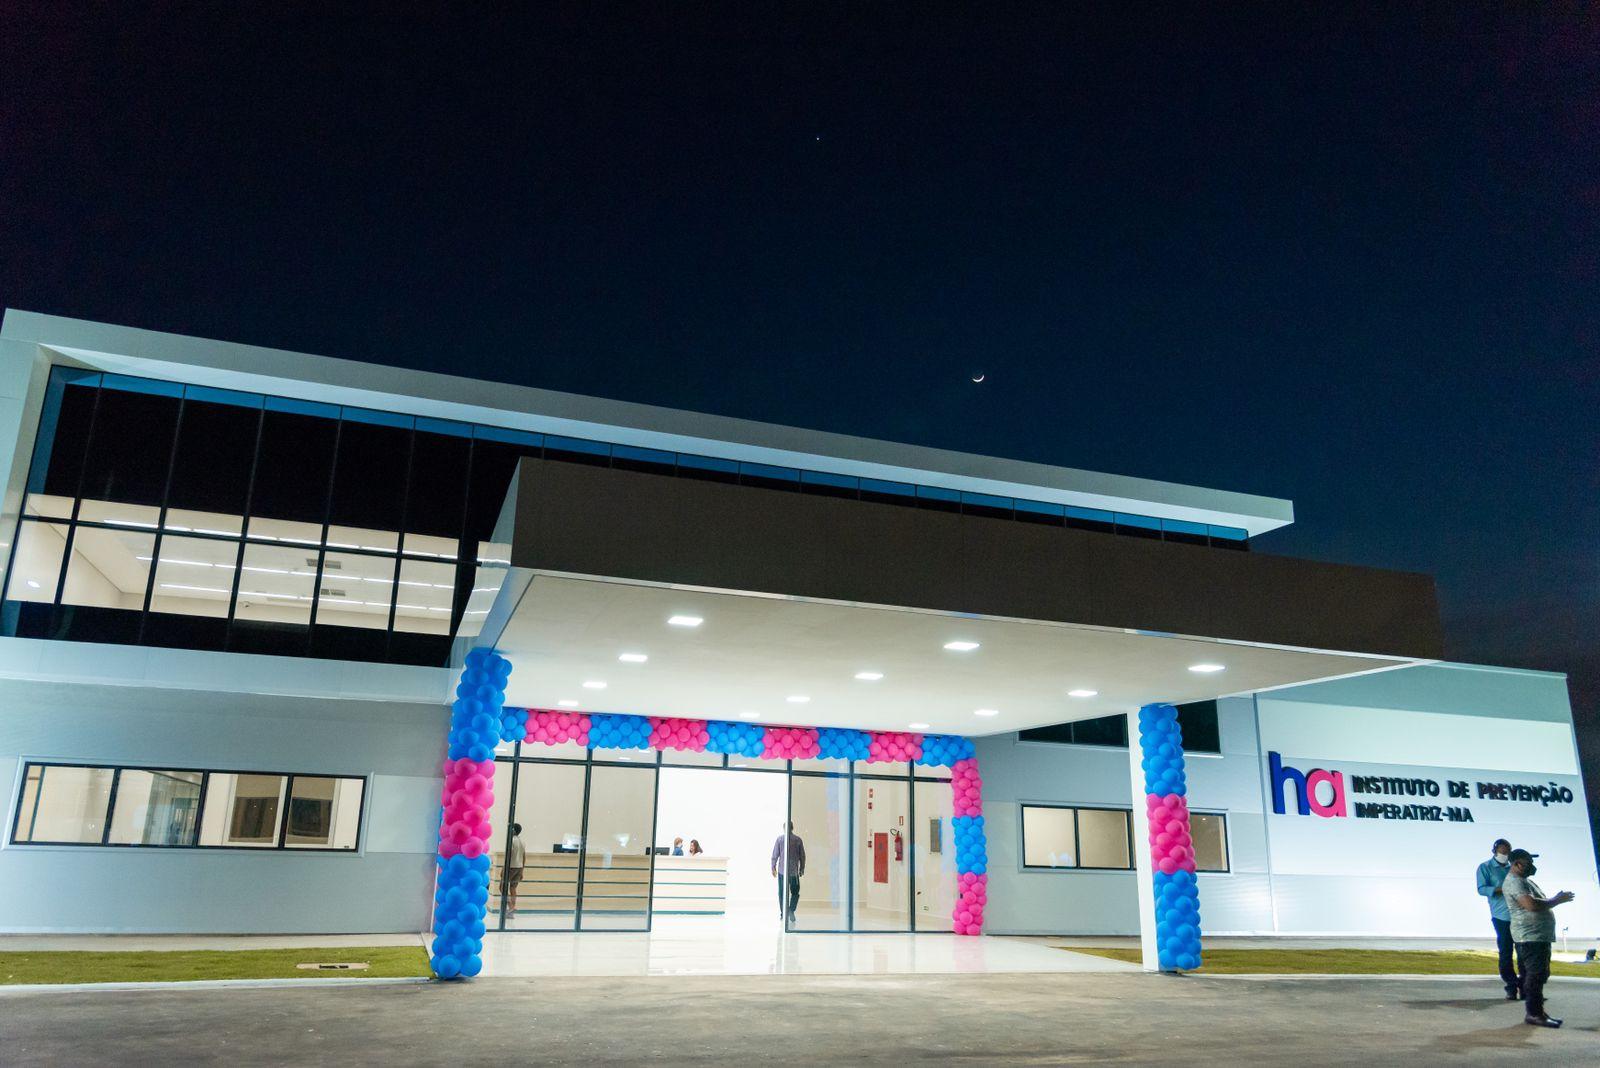 Fachada do Hospital de Amor de Imperatriz, inaugurado nesta sexta-feira (8) e cujos atendimentos devem começar em 60 dias